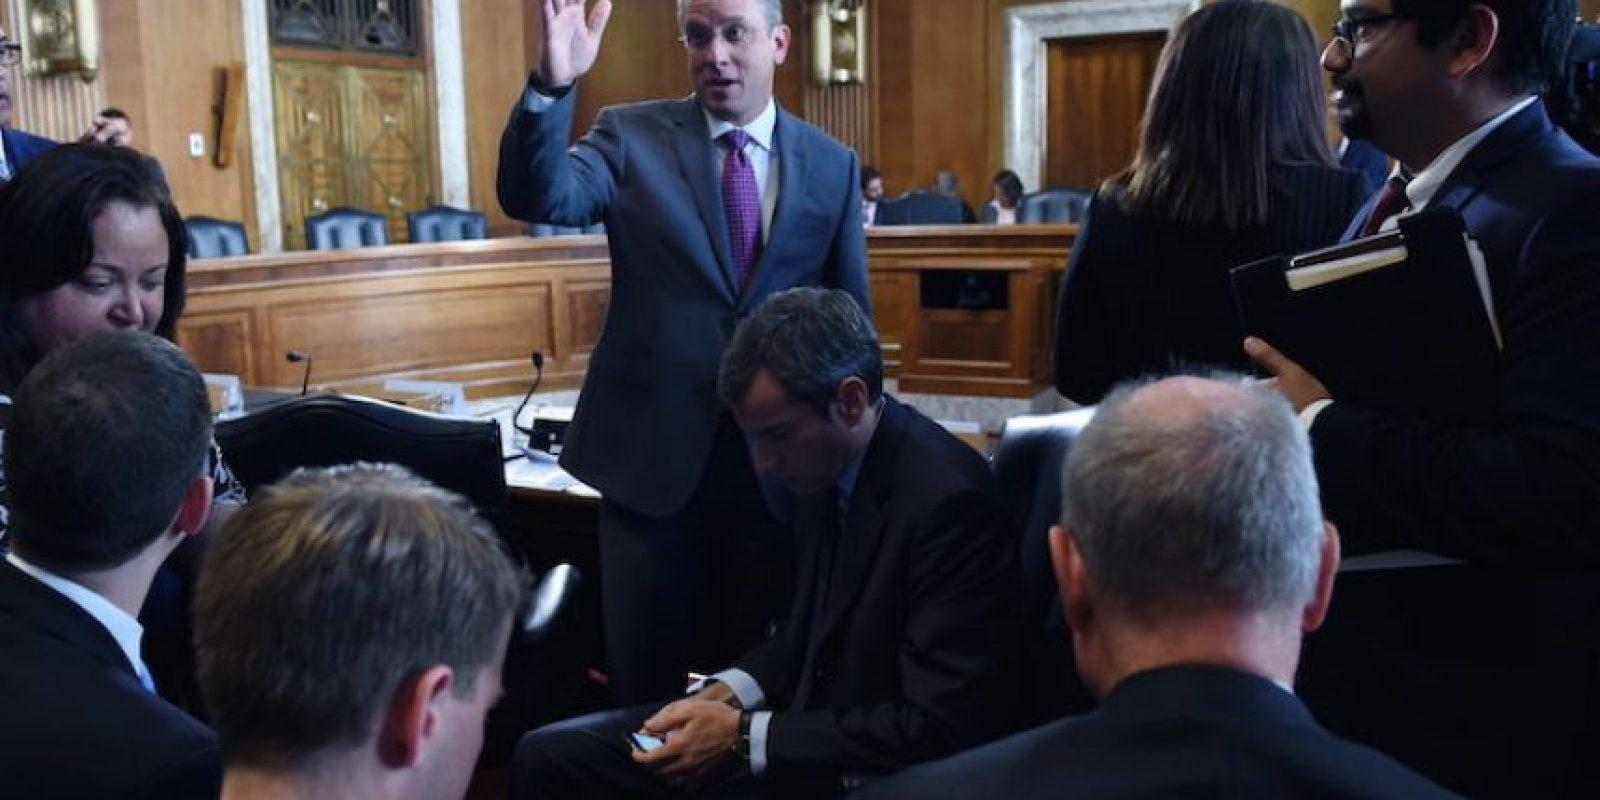 El Gobernador de Puerto Rico, Alejandro Garcia Padilla, habla con la prensa. Foto:EFE. Imagen Por: